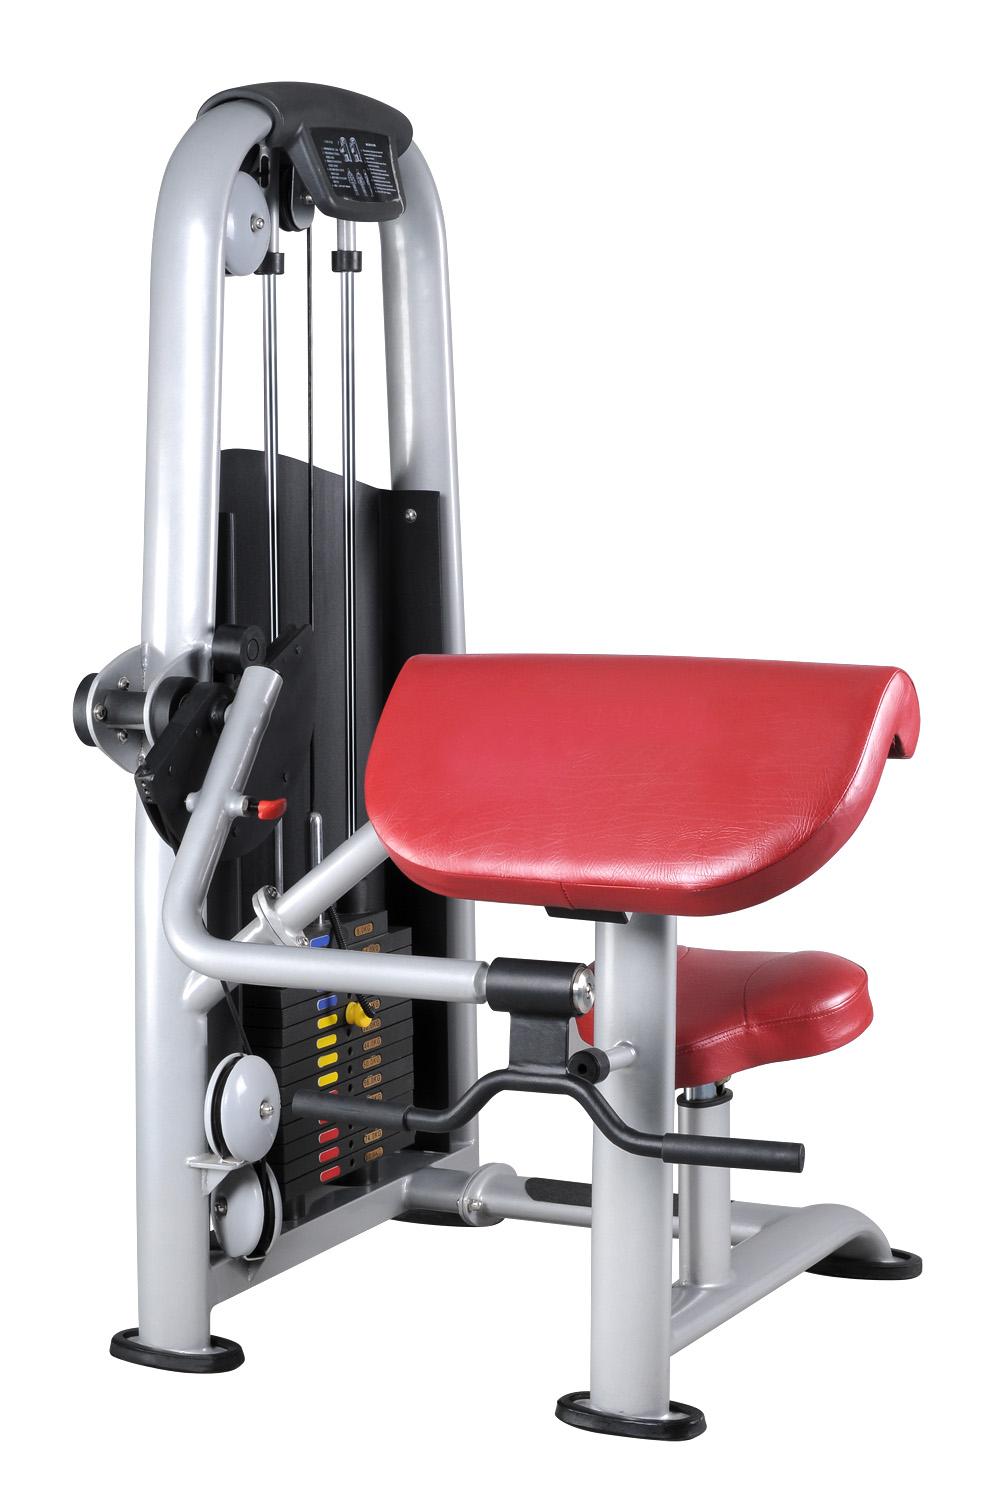 商用力量健身器材厂家,二头肌训练器,康宜健身器材厂家直销